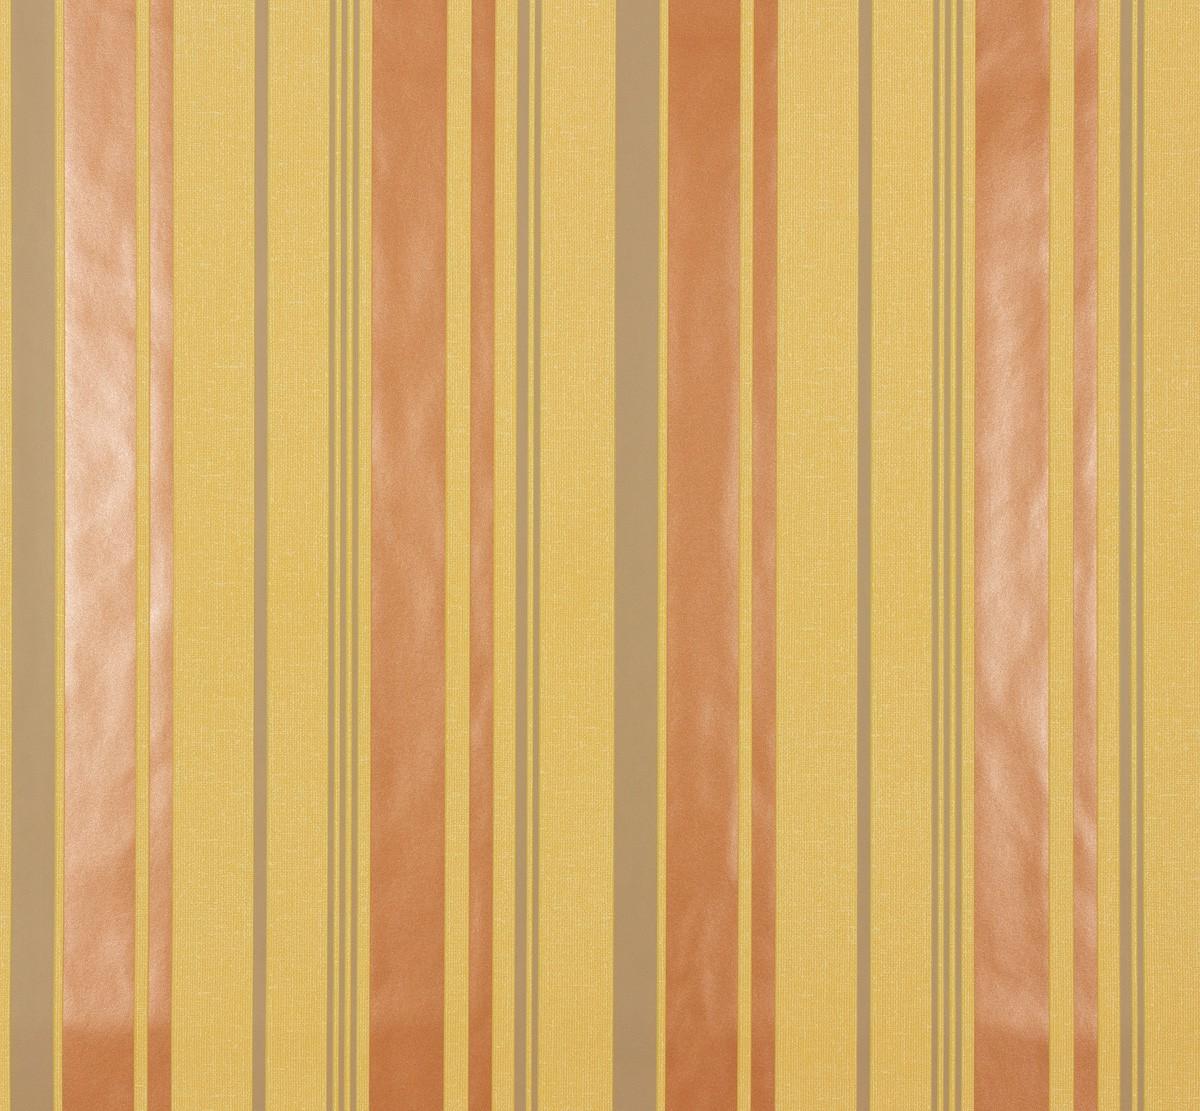 Retro Tapete Orange Braun : Ornamental Home Tapete 55243 Streifen gelb braun orange beige